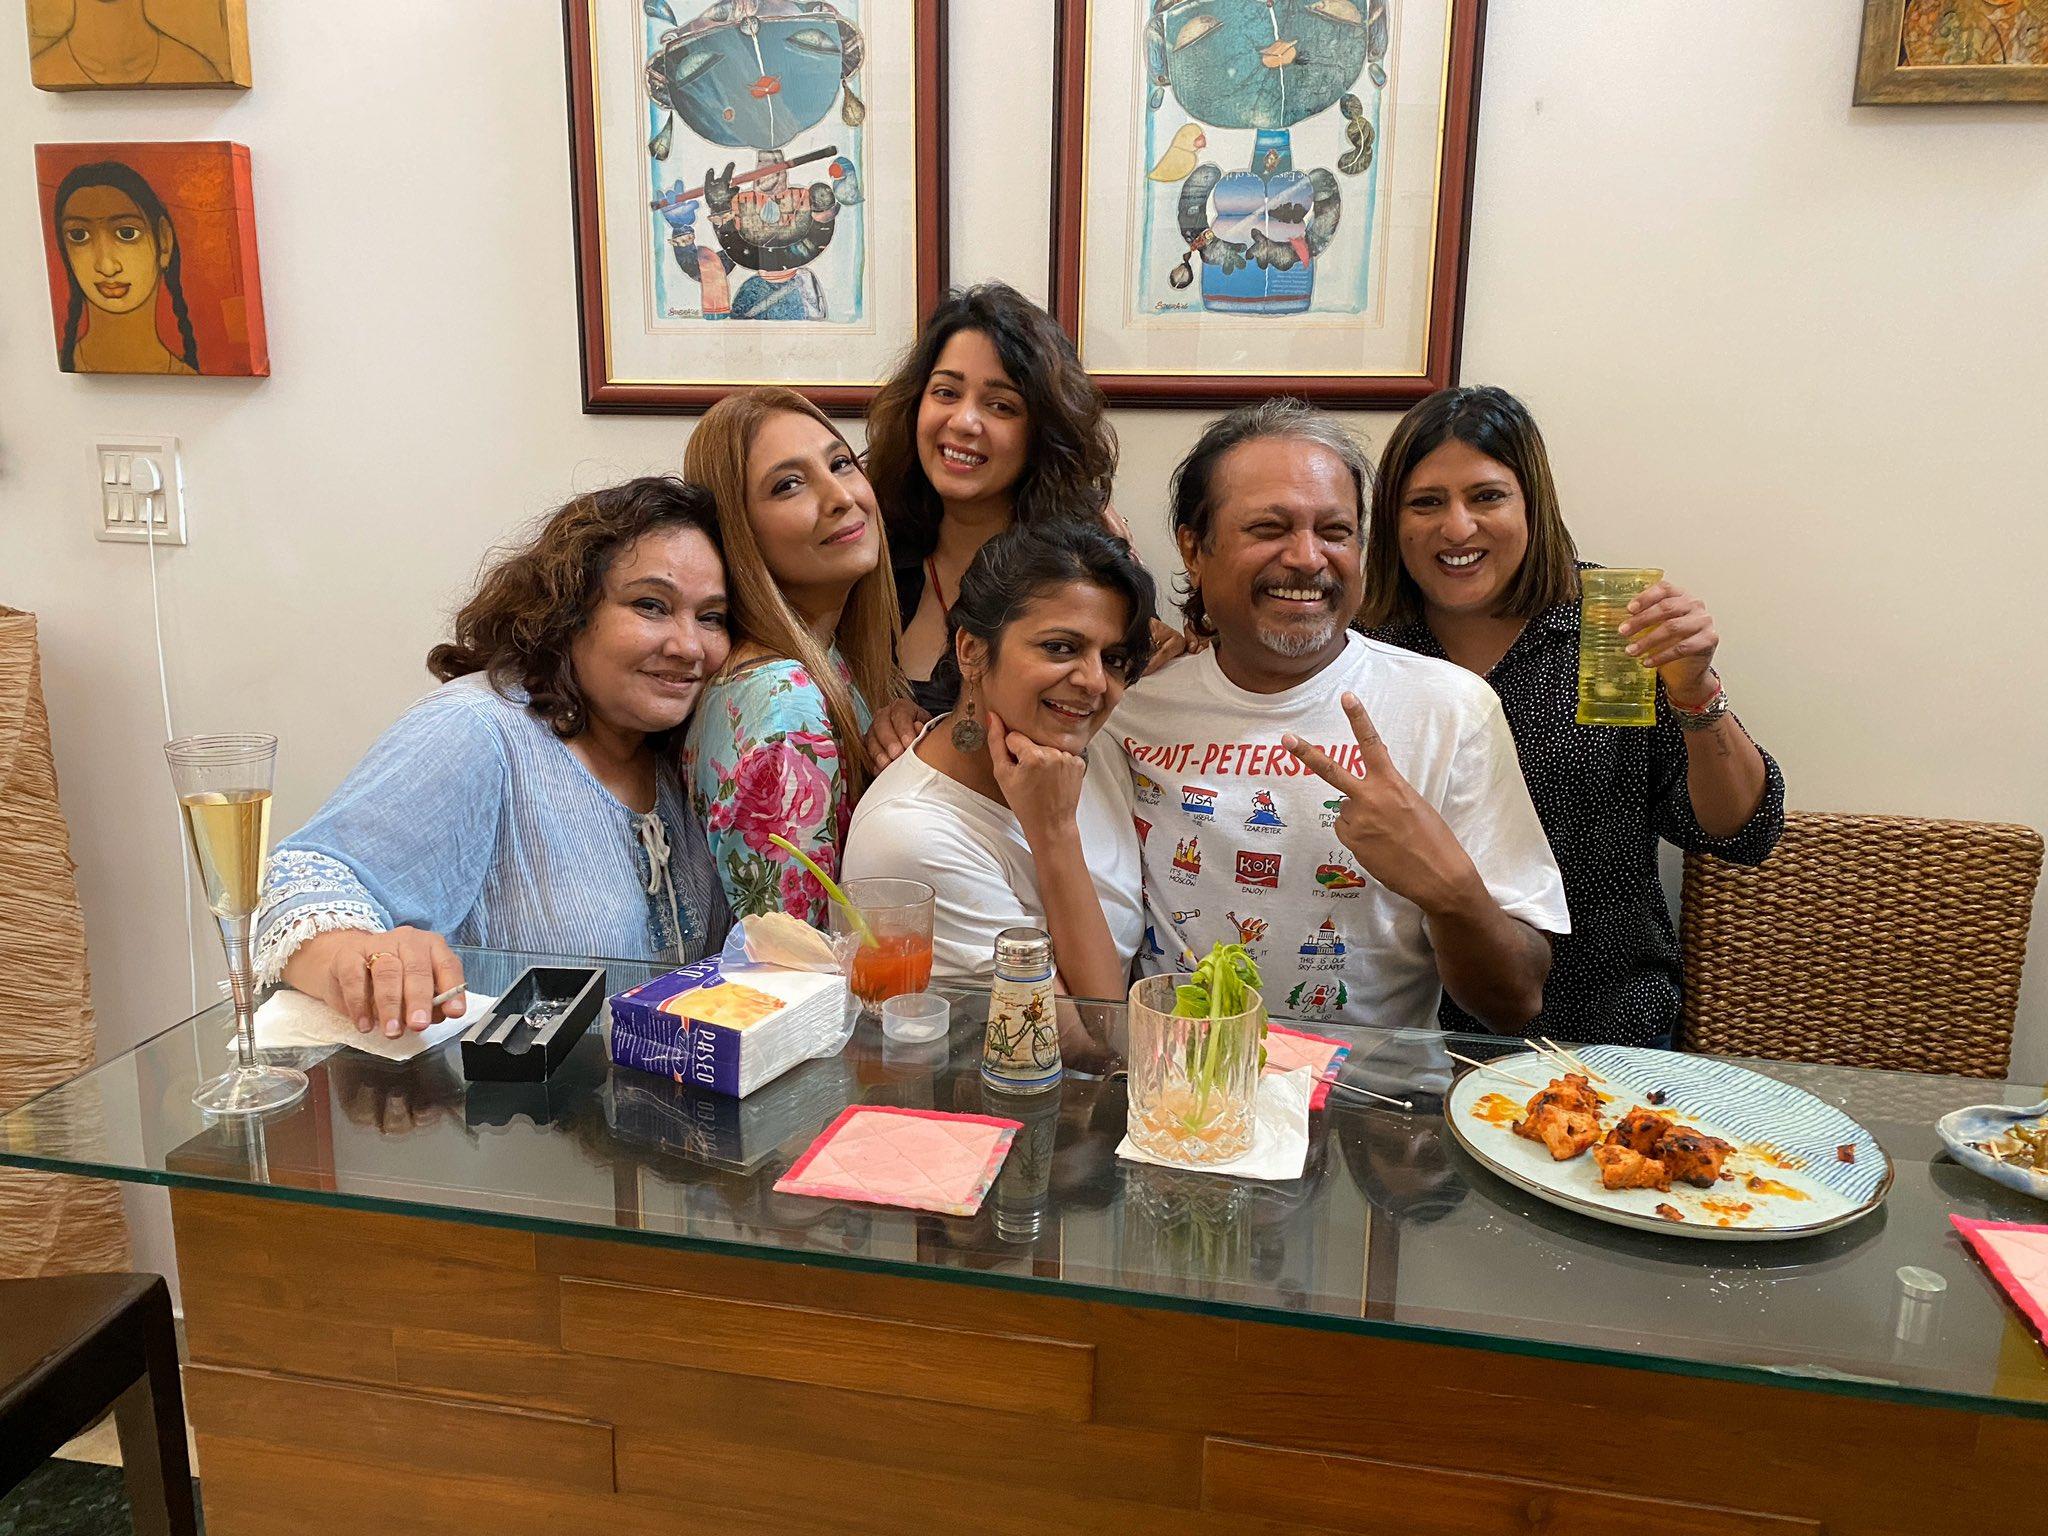 దర్శకుడు జయంత్తో ఛార్మి పార్టీ (Twitter/Photo)